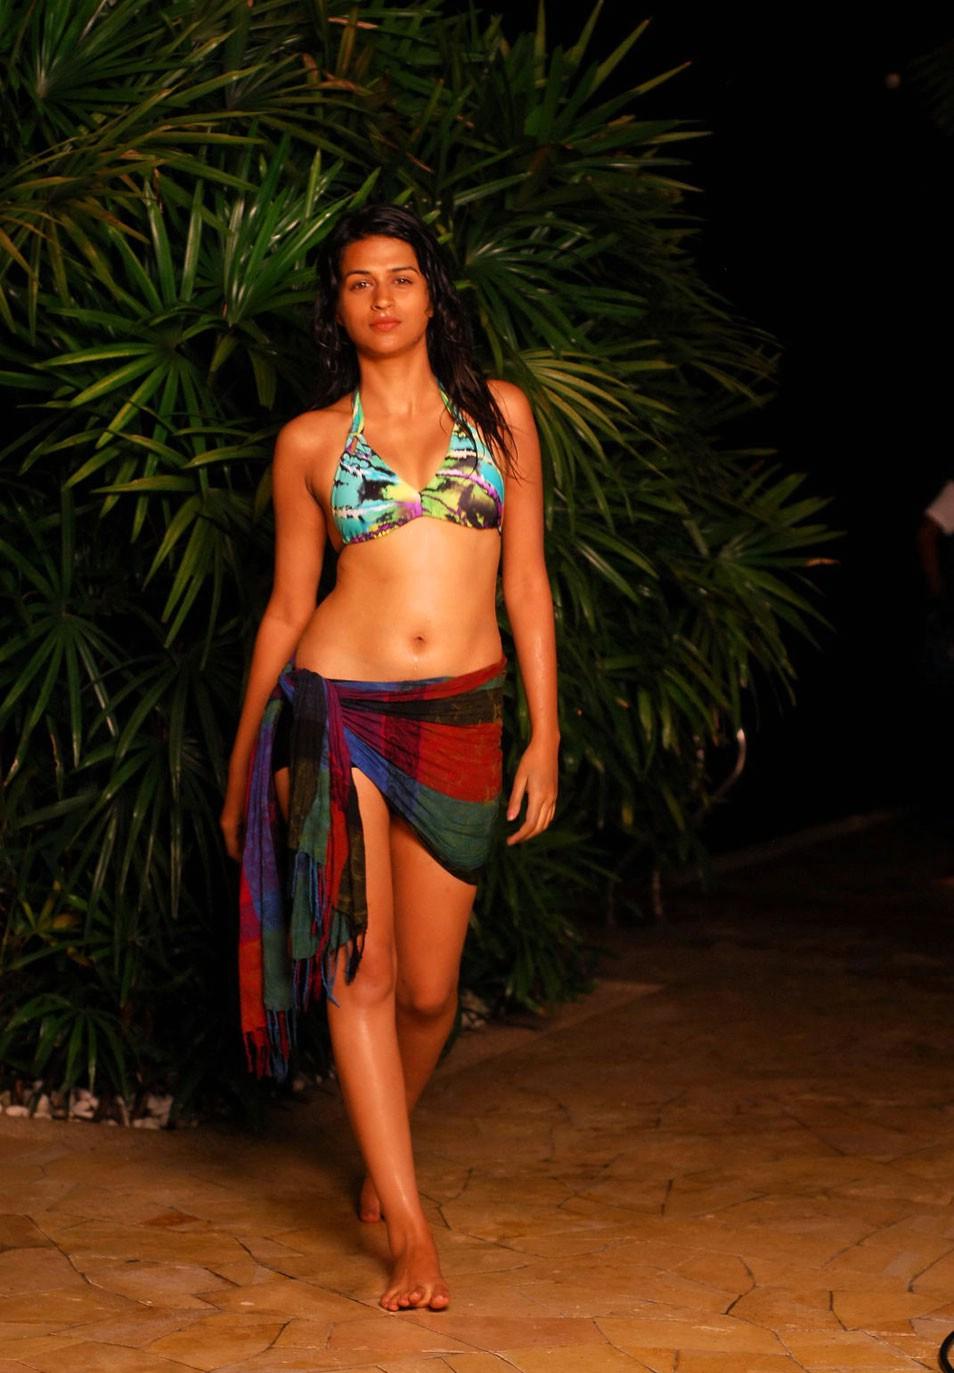 Bikini Iga Wyrwal nude (28 photo), Hot